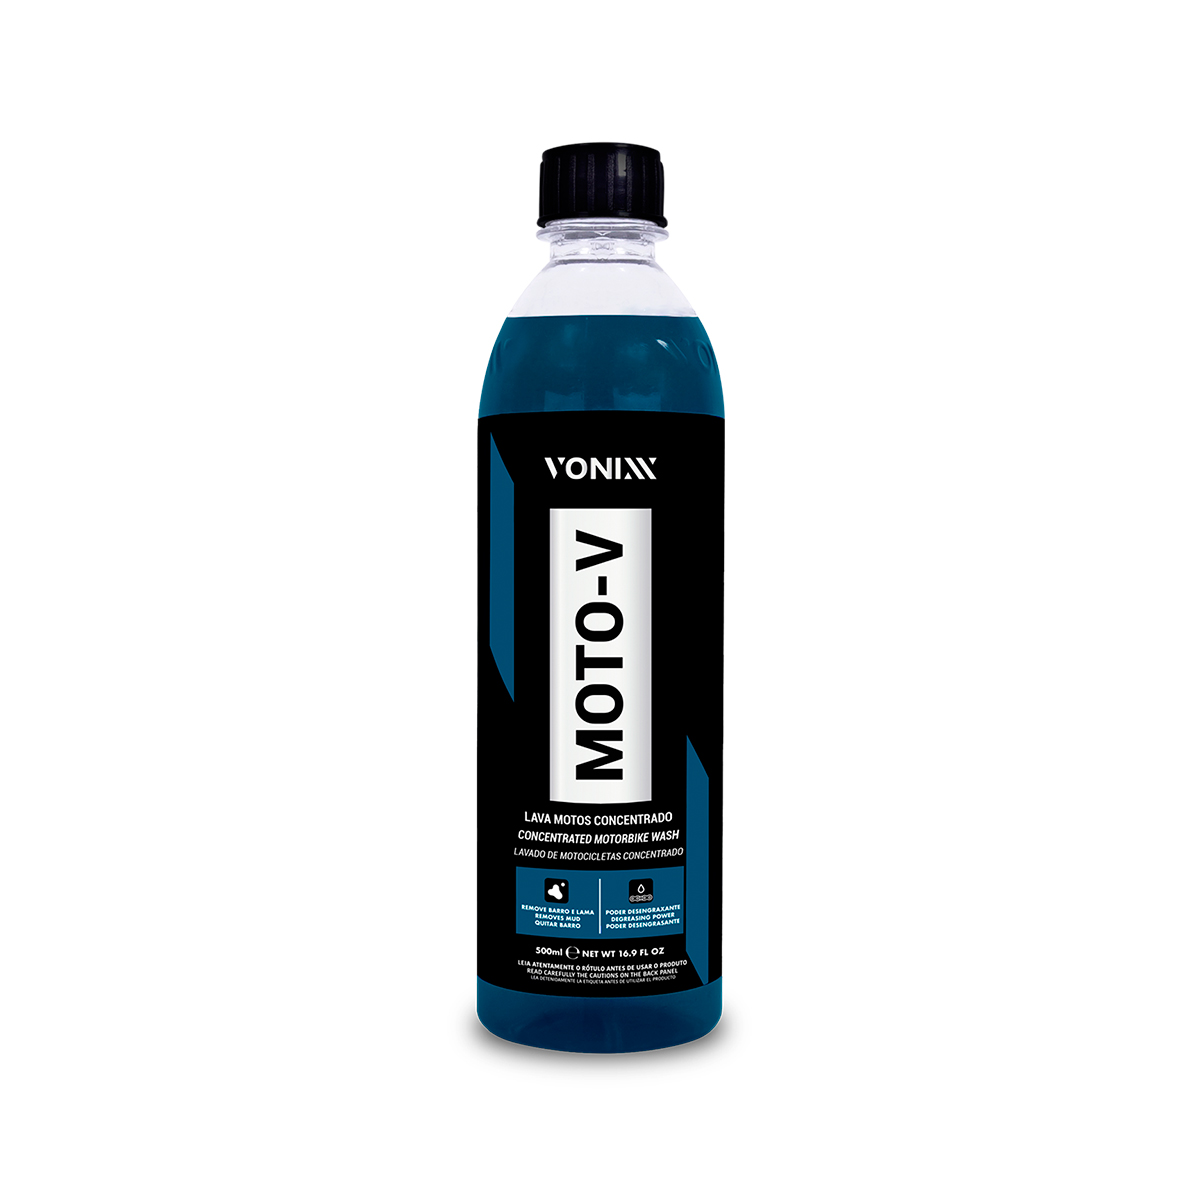 Moto - V Lava Motos 500ml - Vonixx